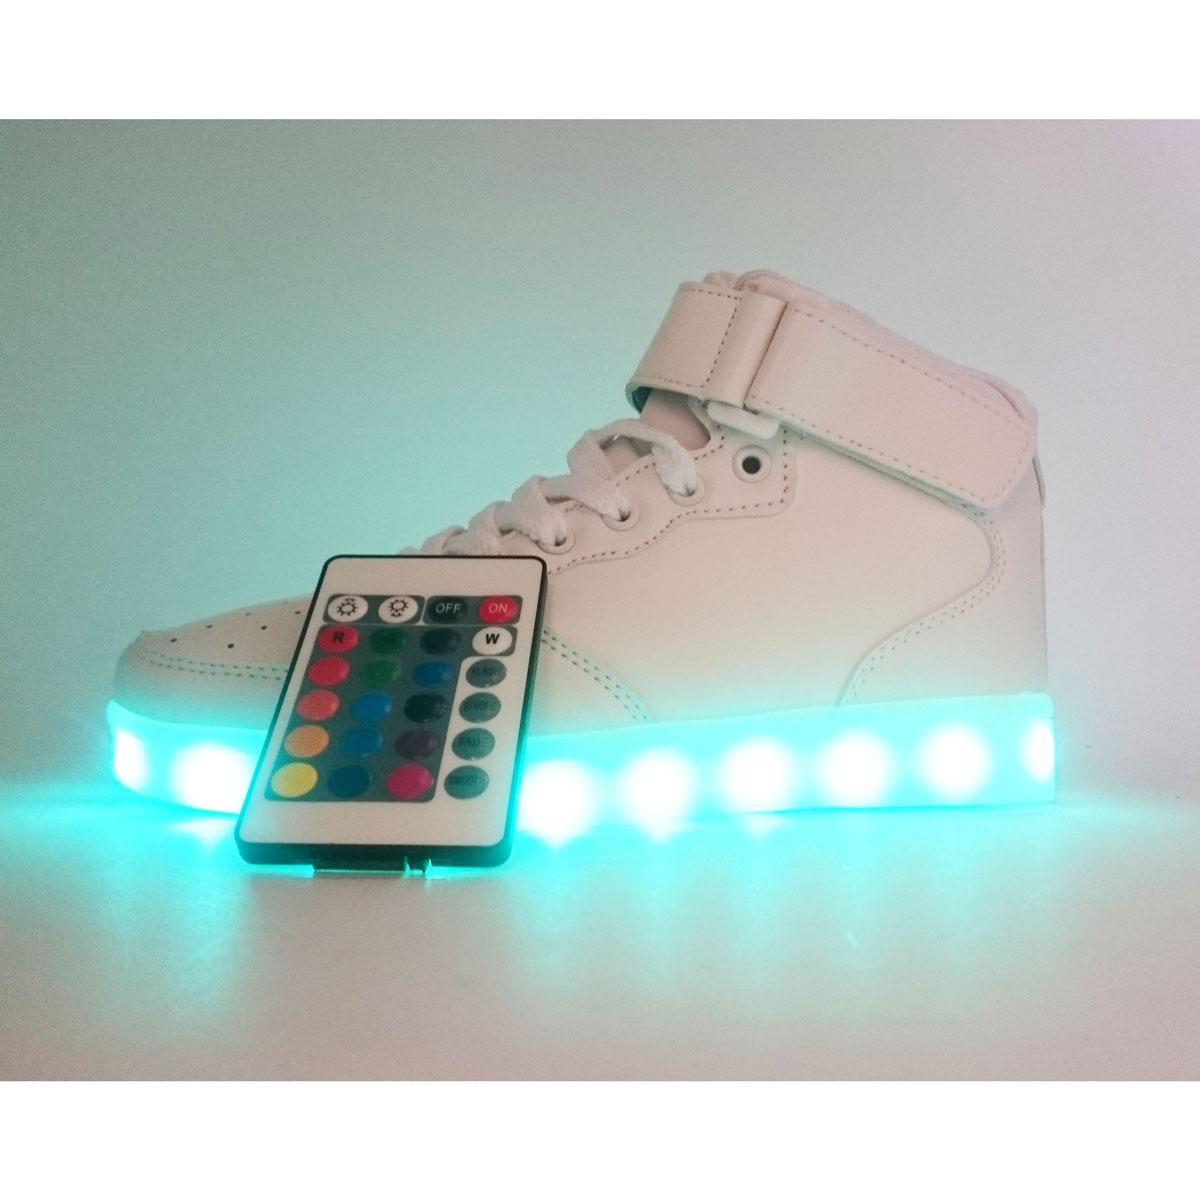 фото main Светящиеся кроссовки Led высокие с пультом main